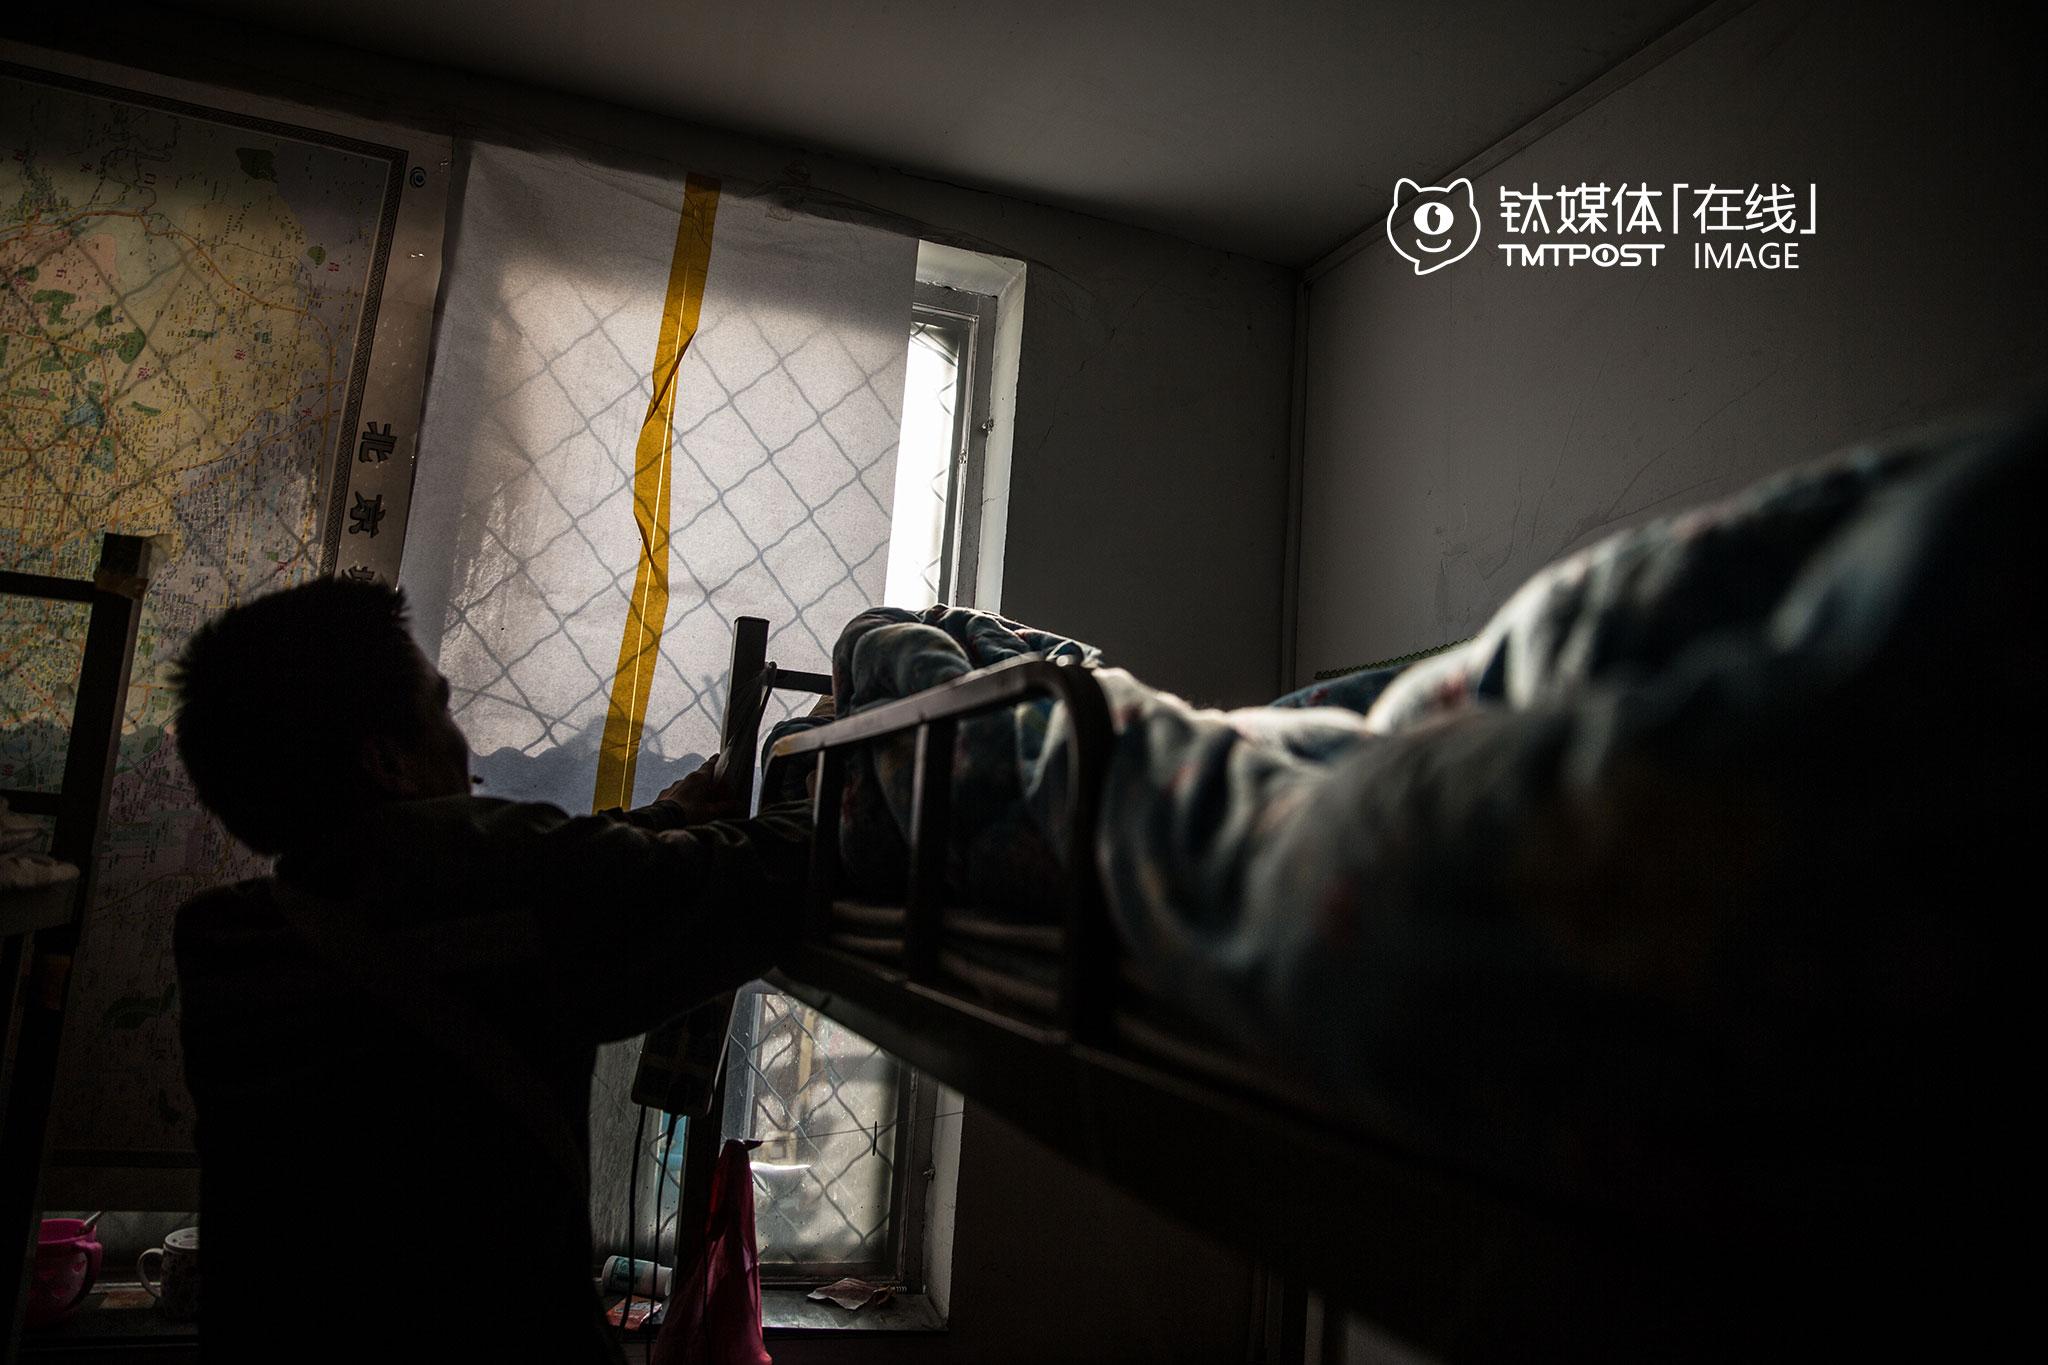 """快递站点包早晚餐和住宿,这张高低床是他休息的地方。路飞读了一年多中专,16岁就出门打工,在建筑工地做过,干过快递,当过水管工。2016年春节后,他在老家看到北京的招工信息,于是跟着中介到了北京,""""一群人,被送到北海公园附近一个地下室,中介要我们签合同跟他们干活,一千五一个月,我不签,他们扣了我的手机和身份证,管我要了八百块钱,我才跑出来。""""路飞跑出来后,上了一辆出租车,要司机把他送到北京租房便宜的地方,司机一直开到朝阳区双树,他下车找了个地方落脚,才找到这家快递公司上班。"""